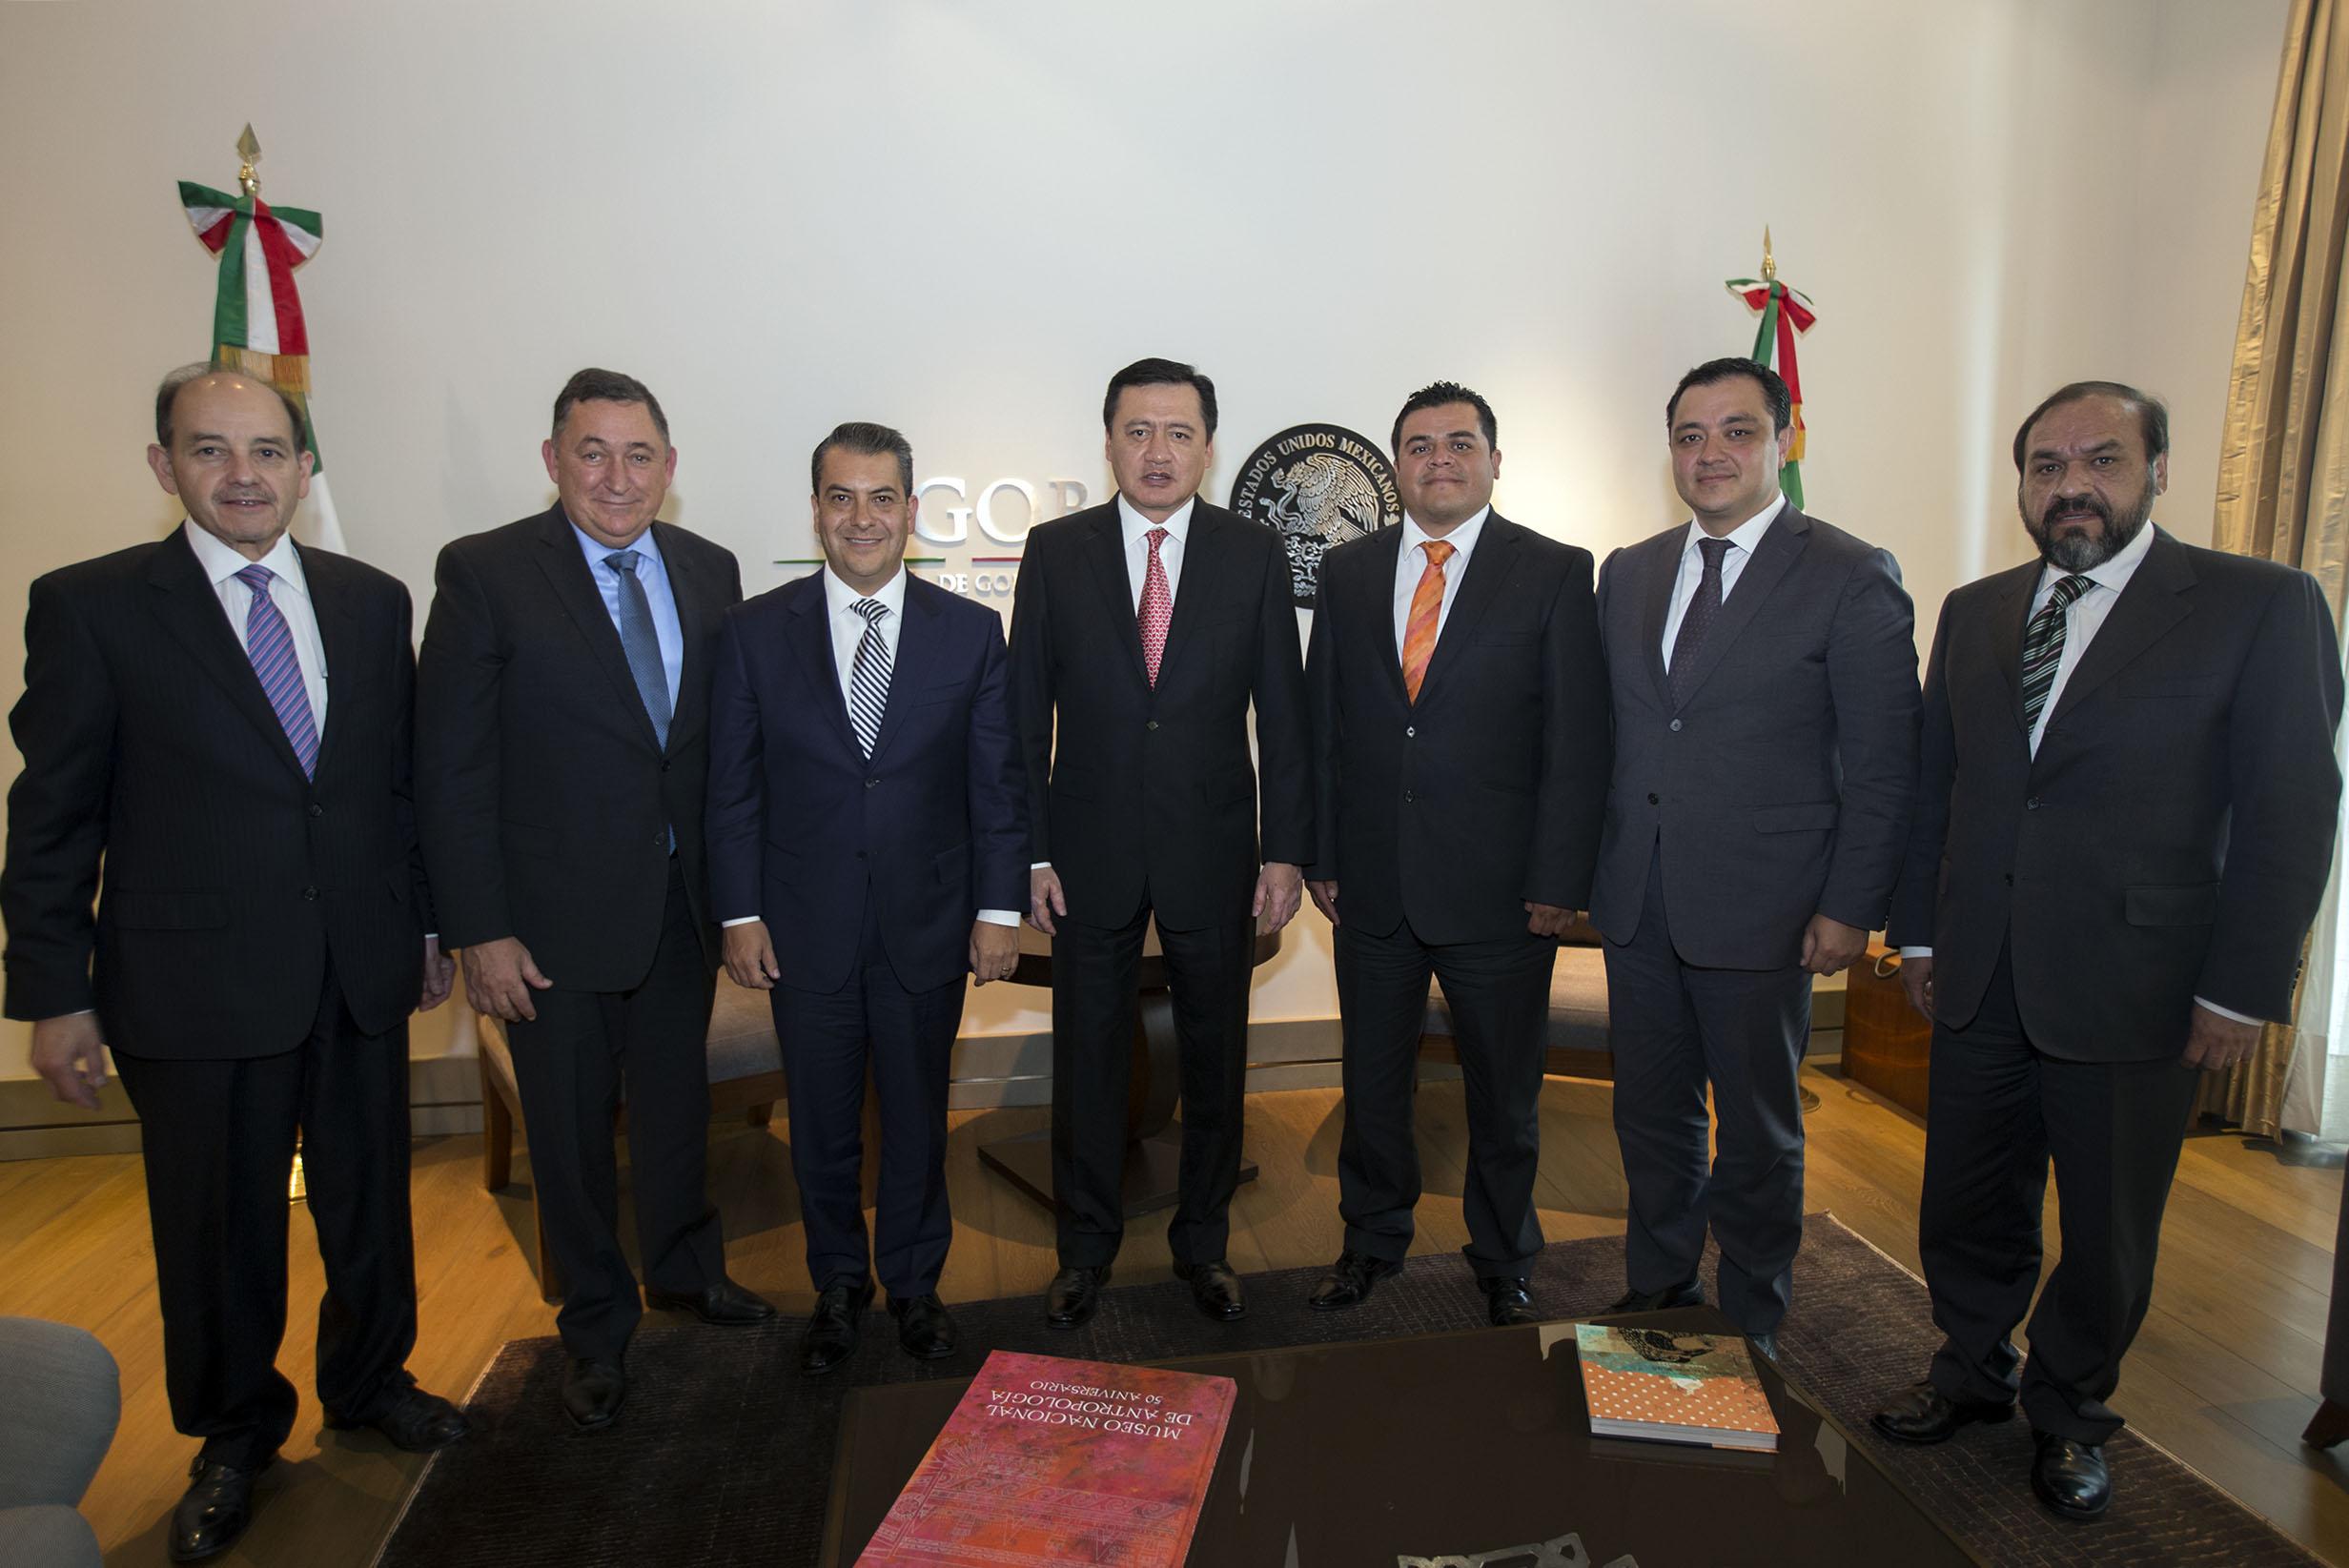 El Secretario de Gobernación, Miguel Ángel Osorio Chong, se reunió con alcaldes de la CONAMM, que integran los presidentes de la ANAC, AALMAC y FENAMM